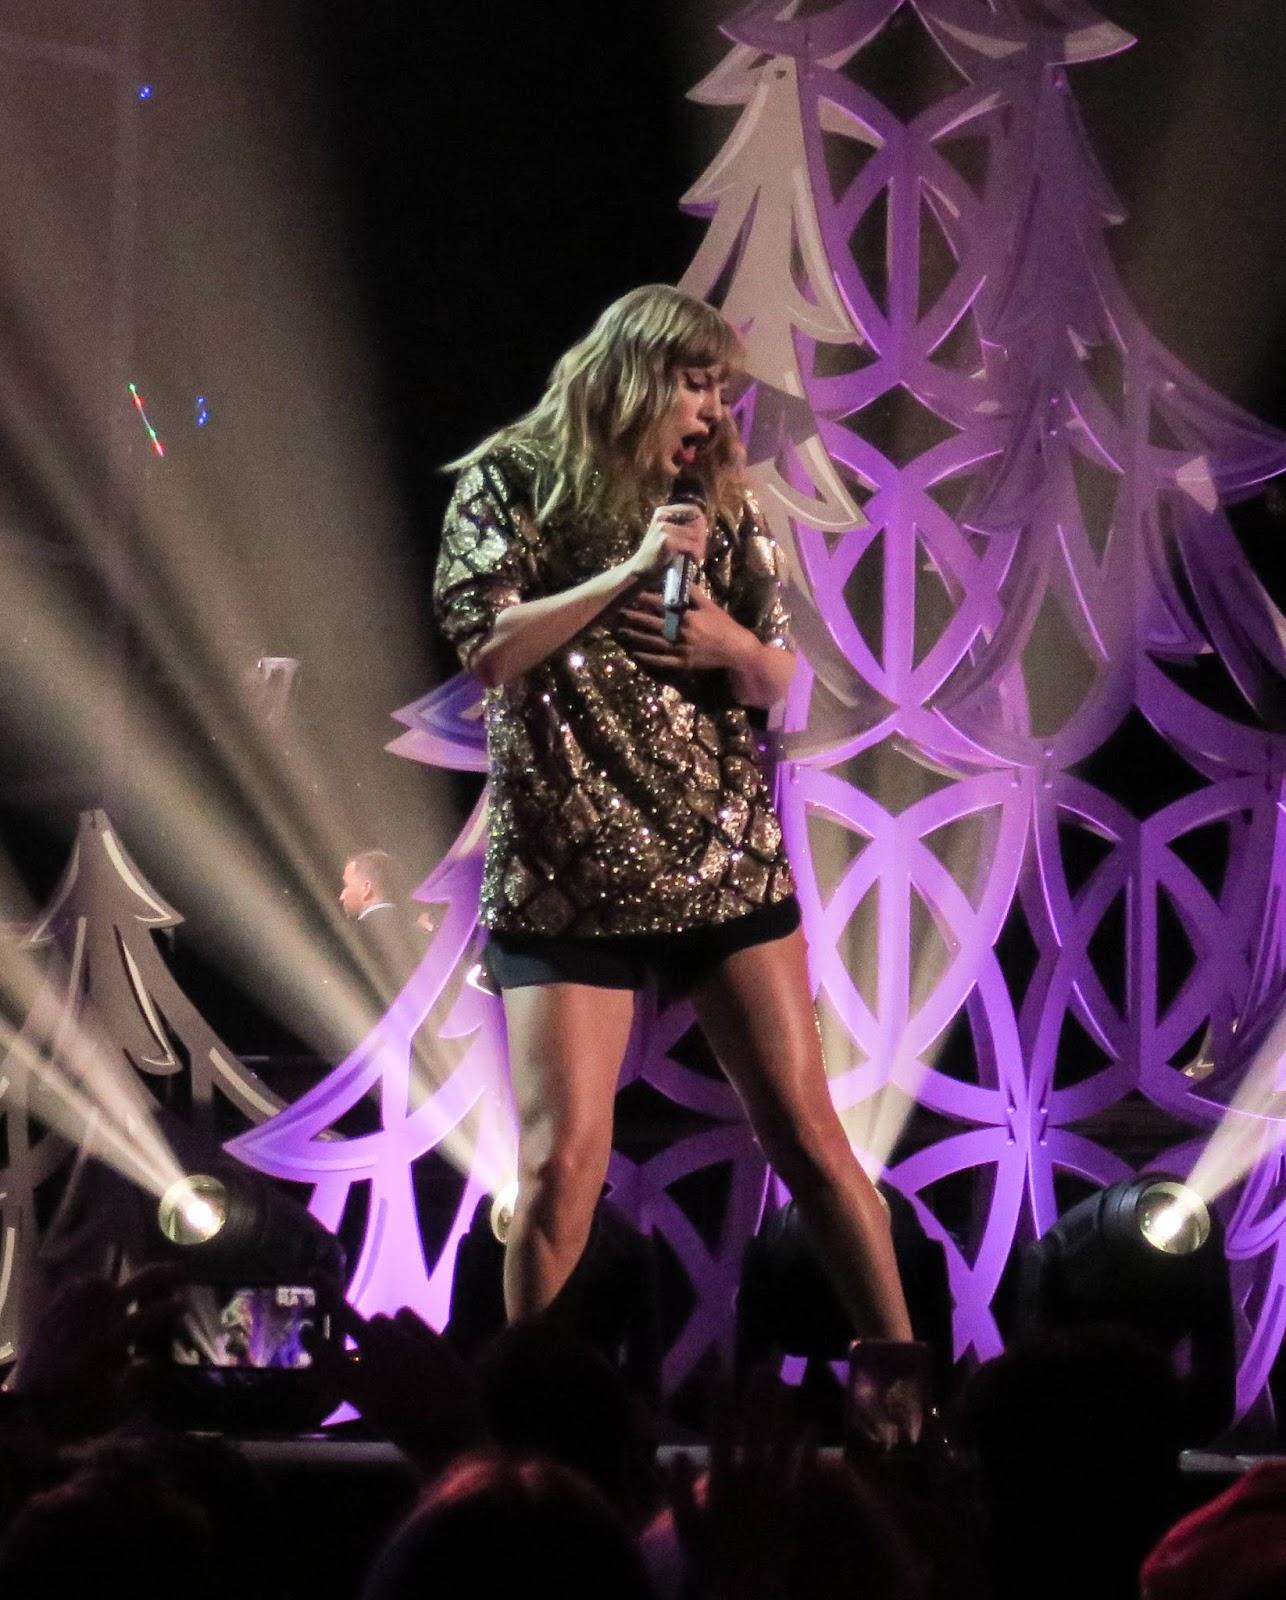 Taylor Swift Performing at 102.7 KIIS FM's Jingle Ball 2017